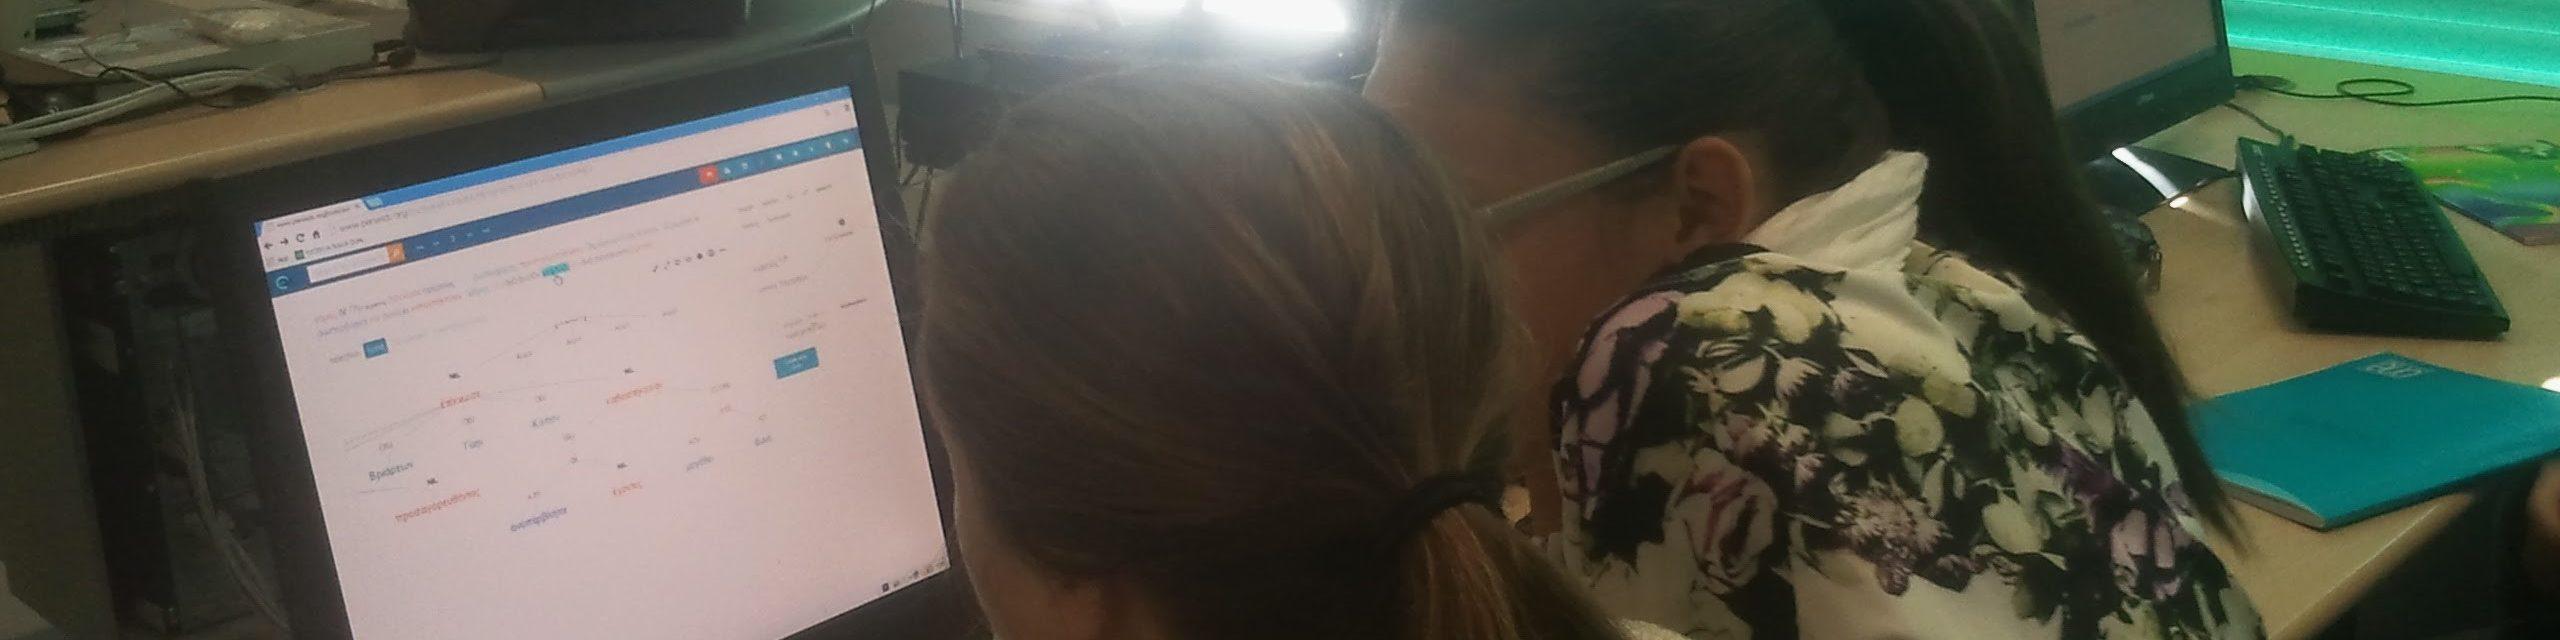 Liceo Classico Socrate, Bari (website: http://www.liceosocratebari.gov.it/). Manager: Prof. Dr. Santa Ciriello  - Supervising Teacher: Prof. Dr. Alessia Pitagora  - Students participating: Cristina Gaudio, Adriana Putignano, Mariacarolina Dell'Isola, Graziana Saliani, Francesca Ritrovato, Luciano Cesari, Mattia Pittig, Serena Schiavone, Flavia Fucilli, Giulia Liotta, Letizia D'Abbicco, Flavia Moccia, Mariachiara Chiarappa, Giovanna Lapresa, Federica Di Cecco, Davide Mariani, Francesco Barone, Sara Risola